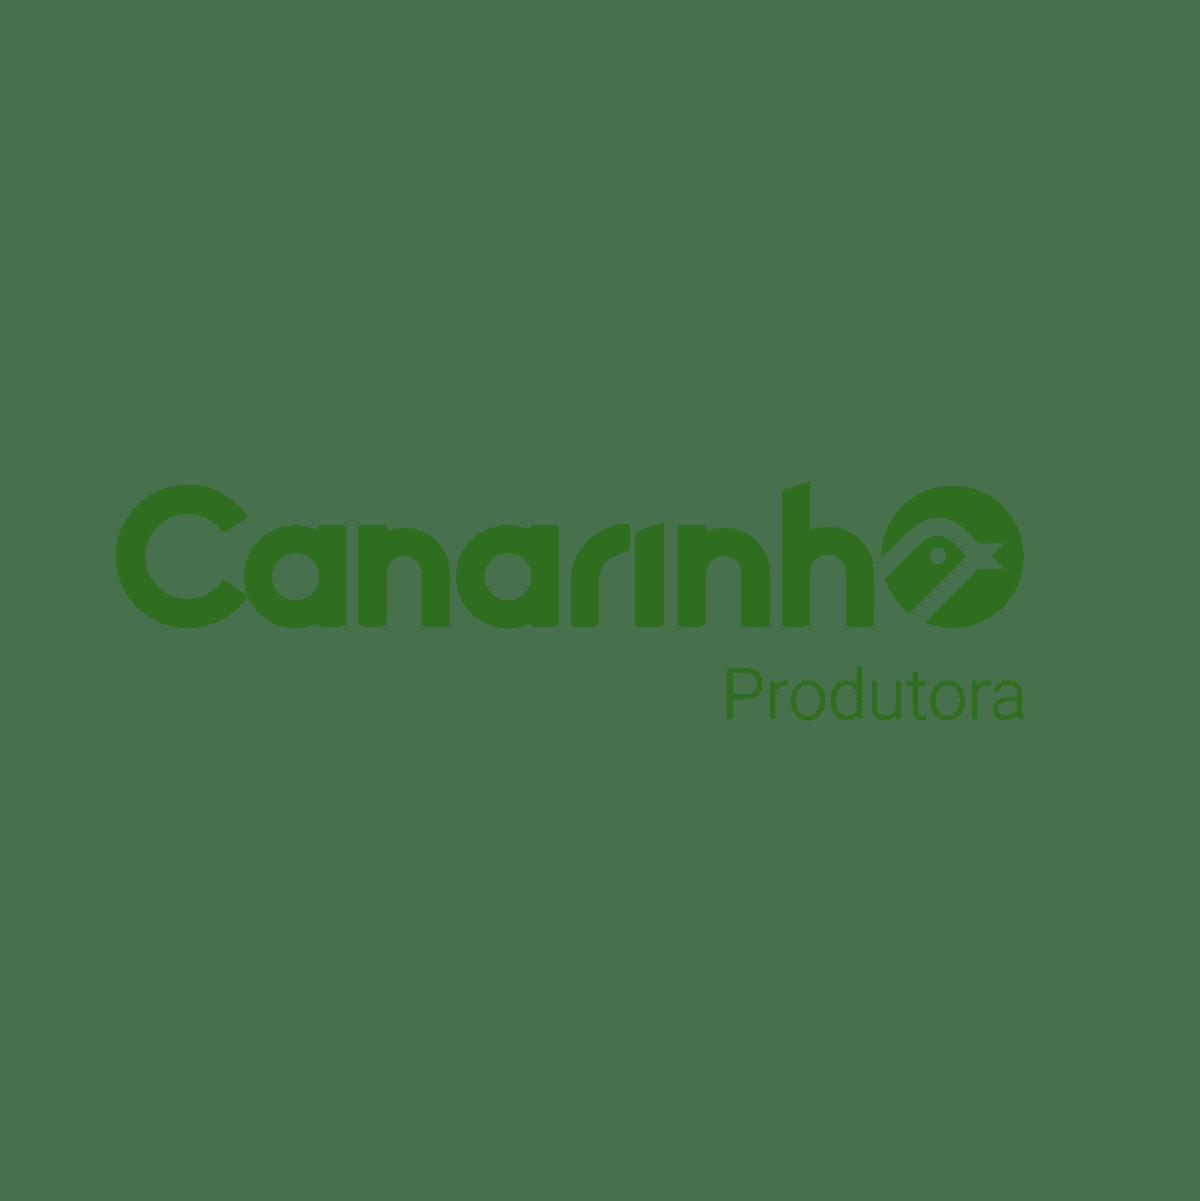 Prancheta 19 - Canarinho Produtora